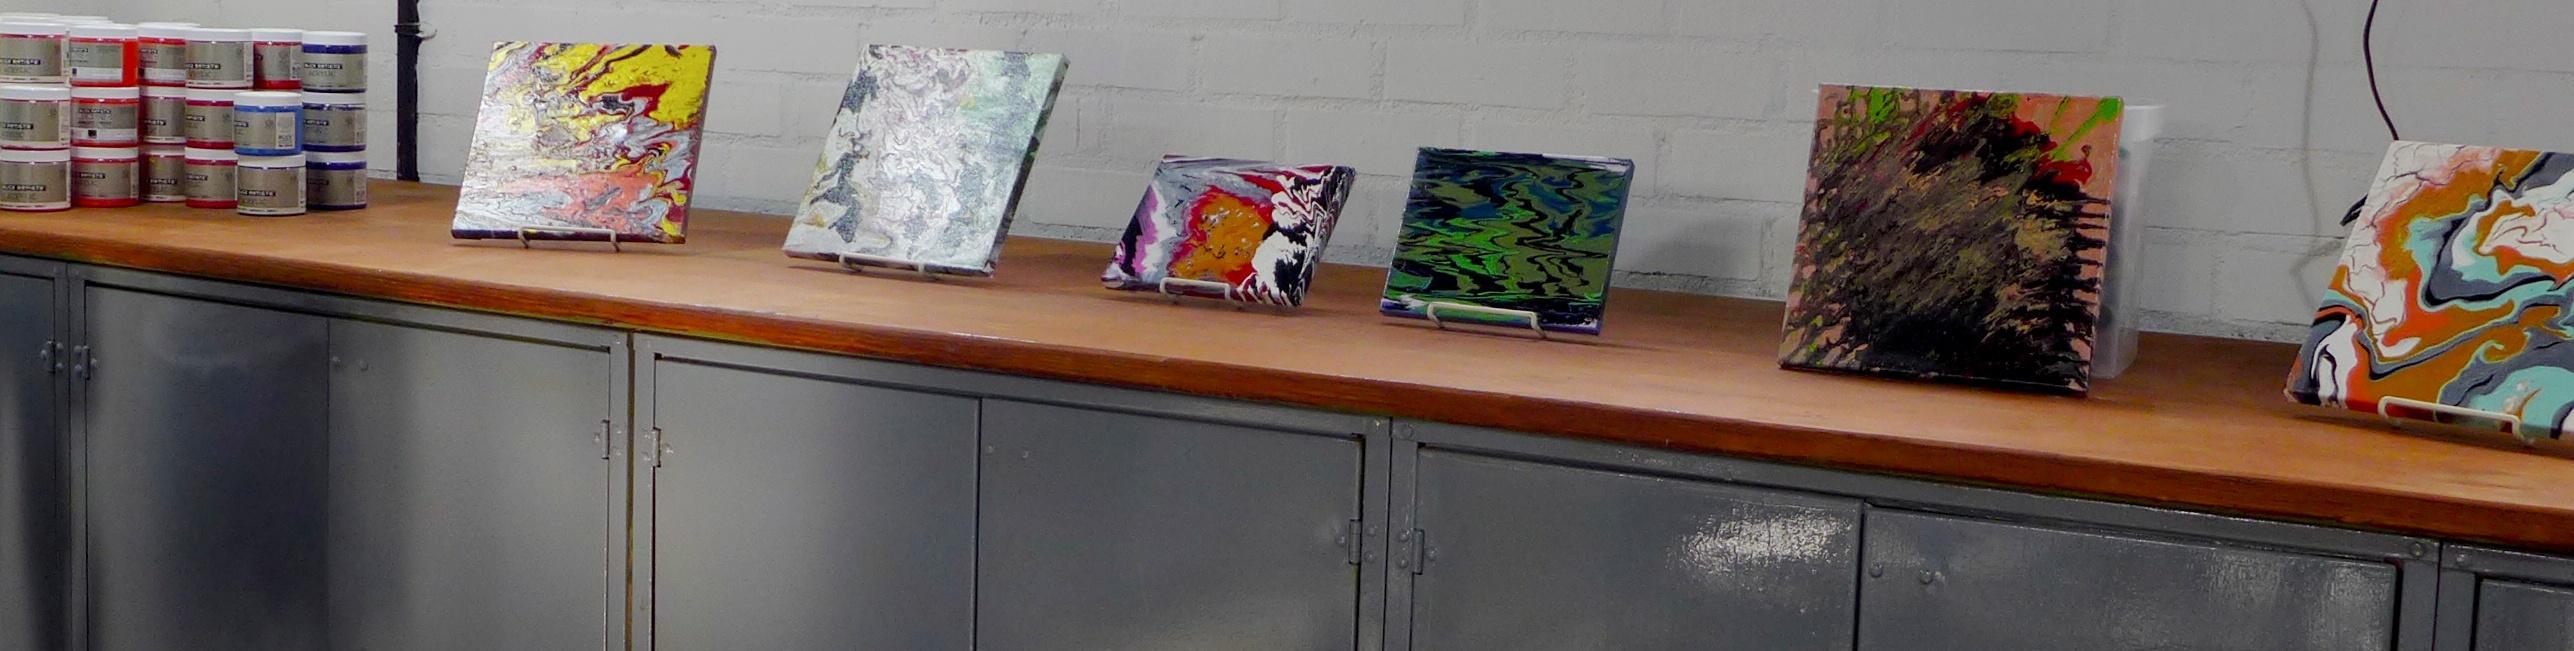 art-studio1.jpg